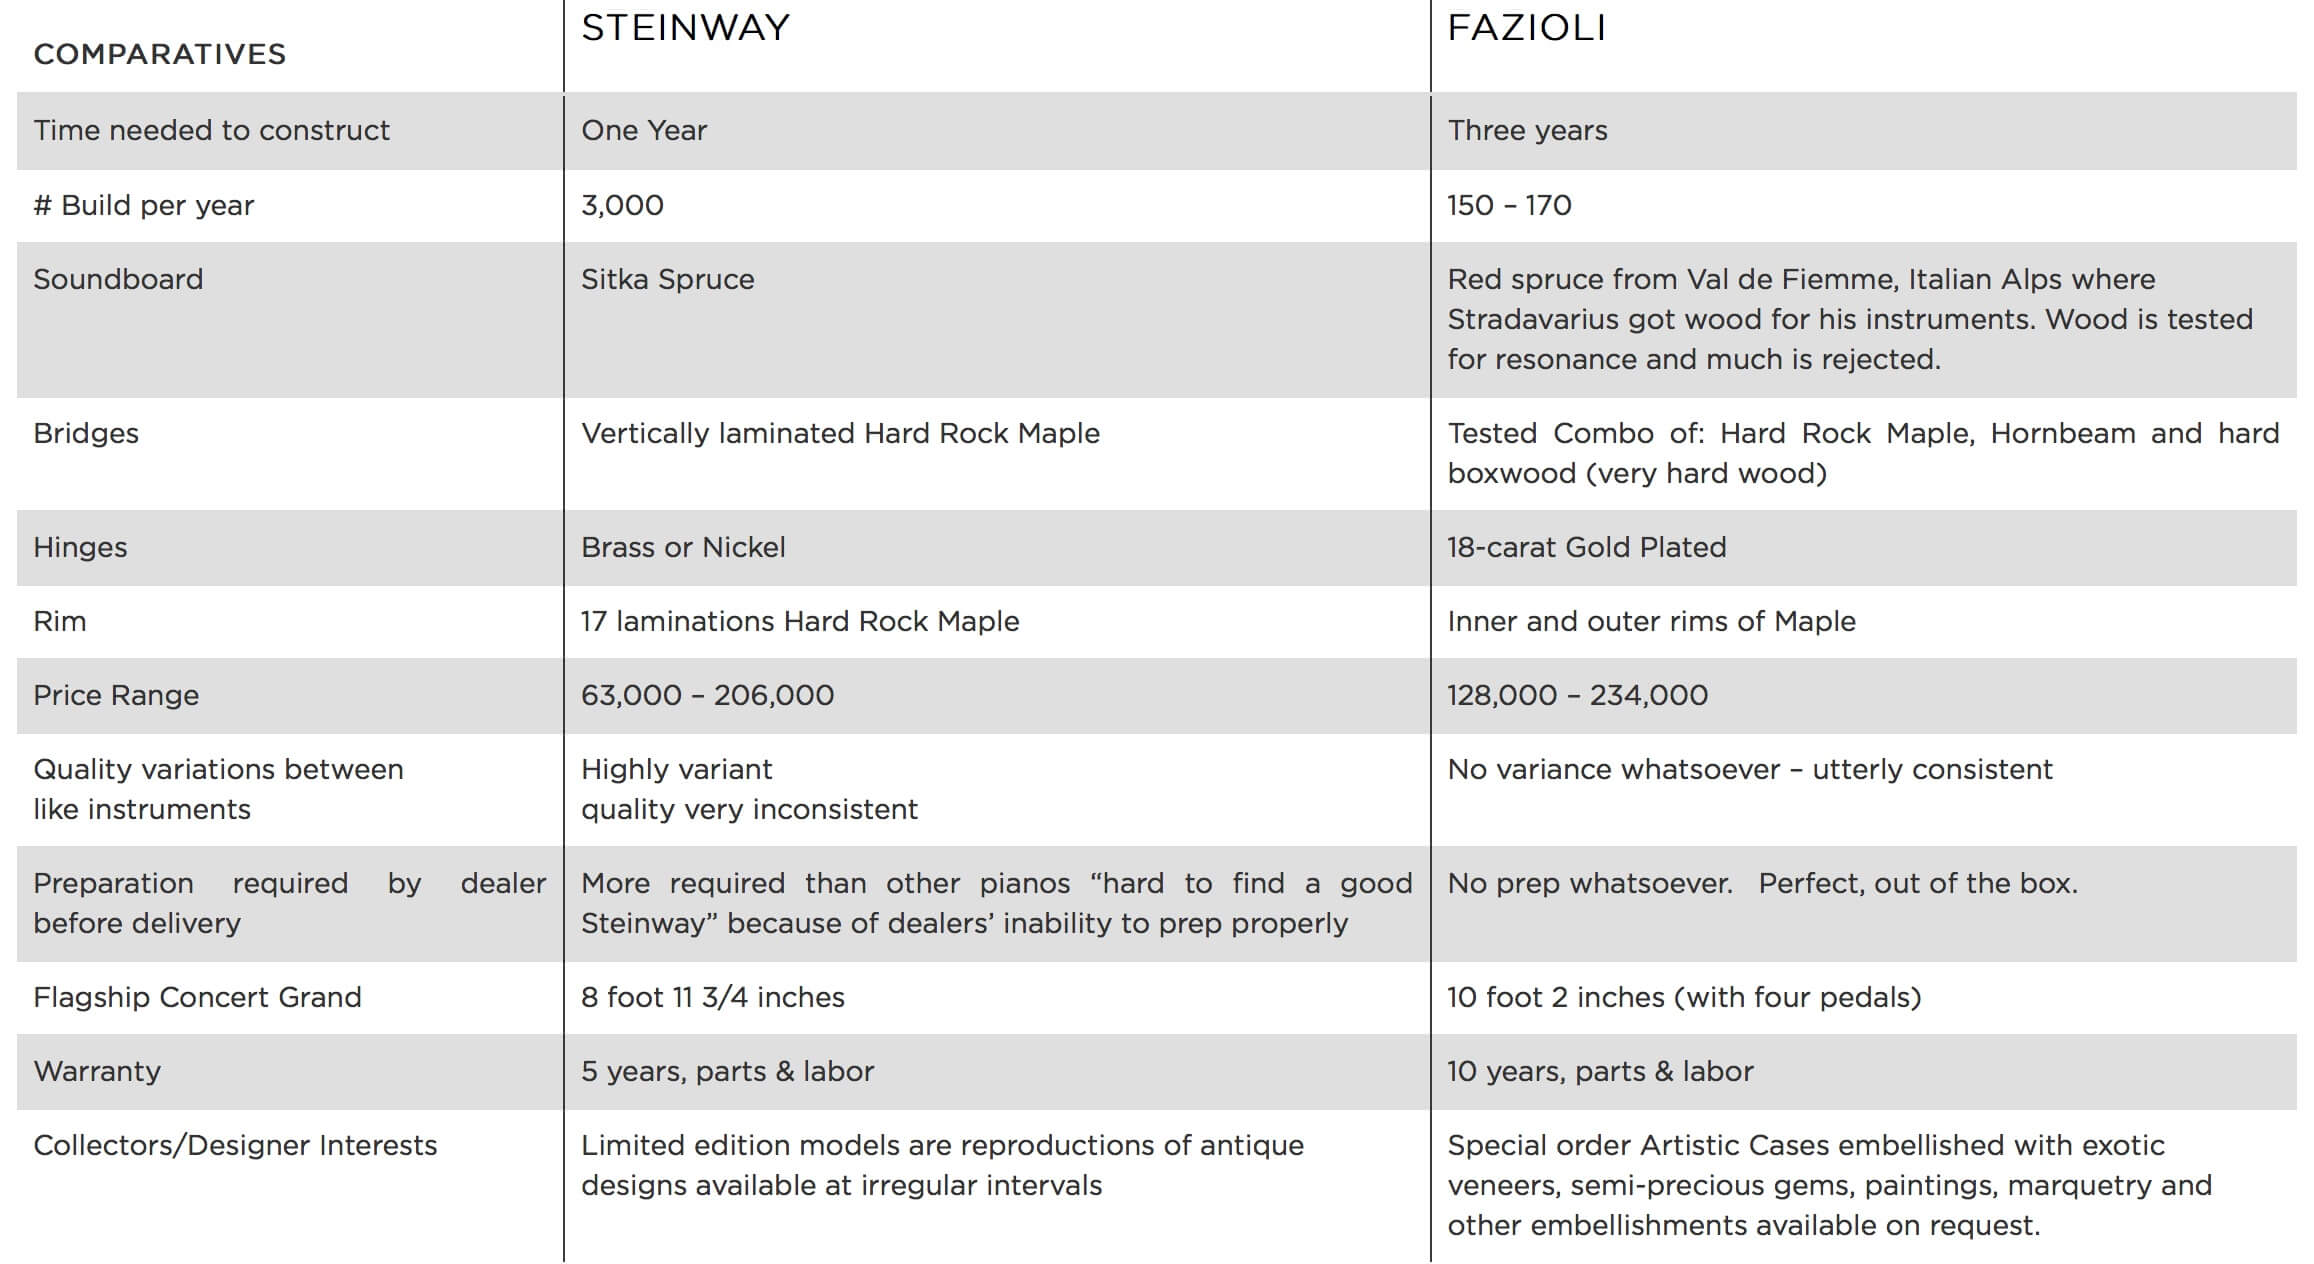 compare Fazioli vs Steinway